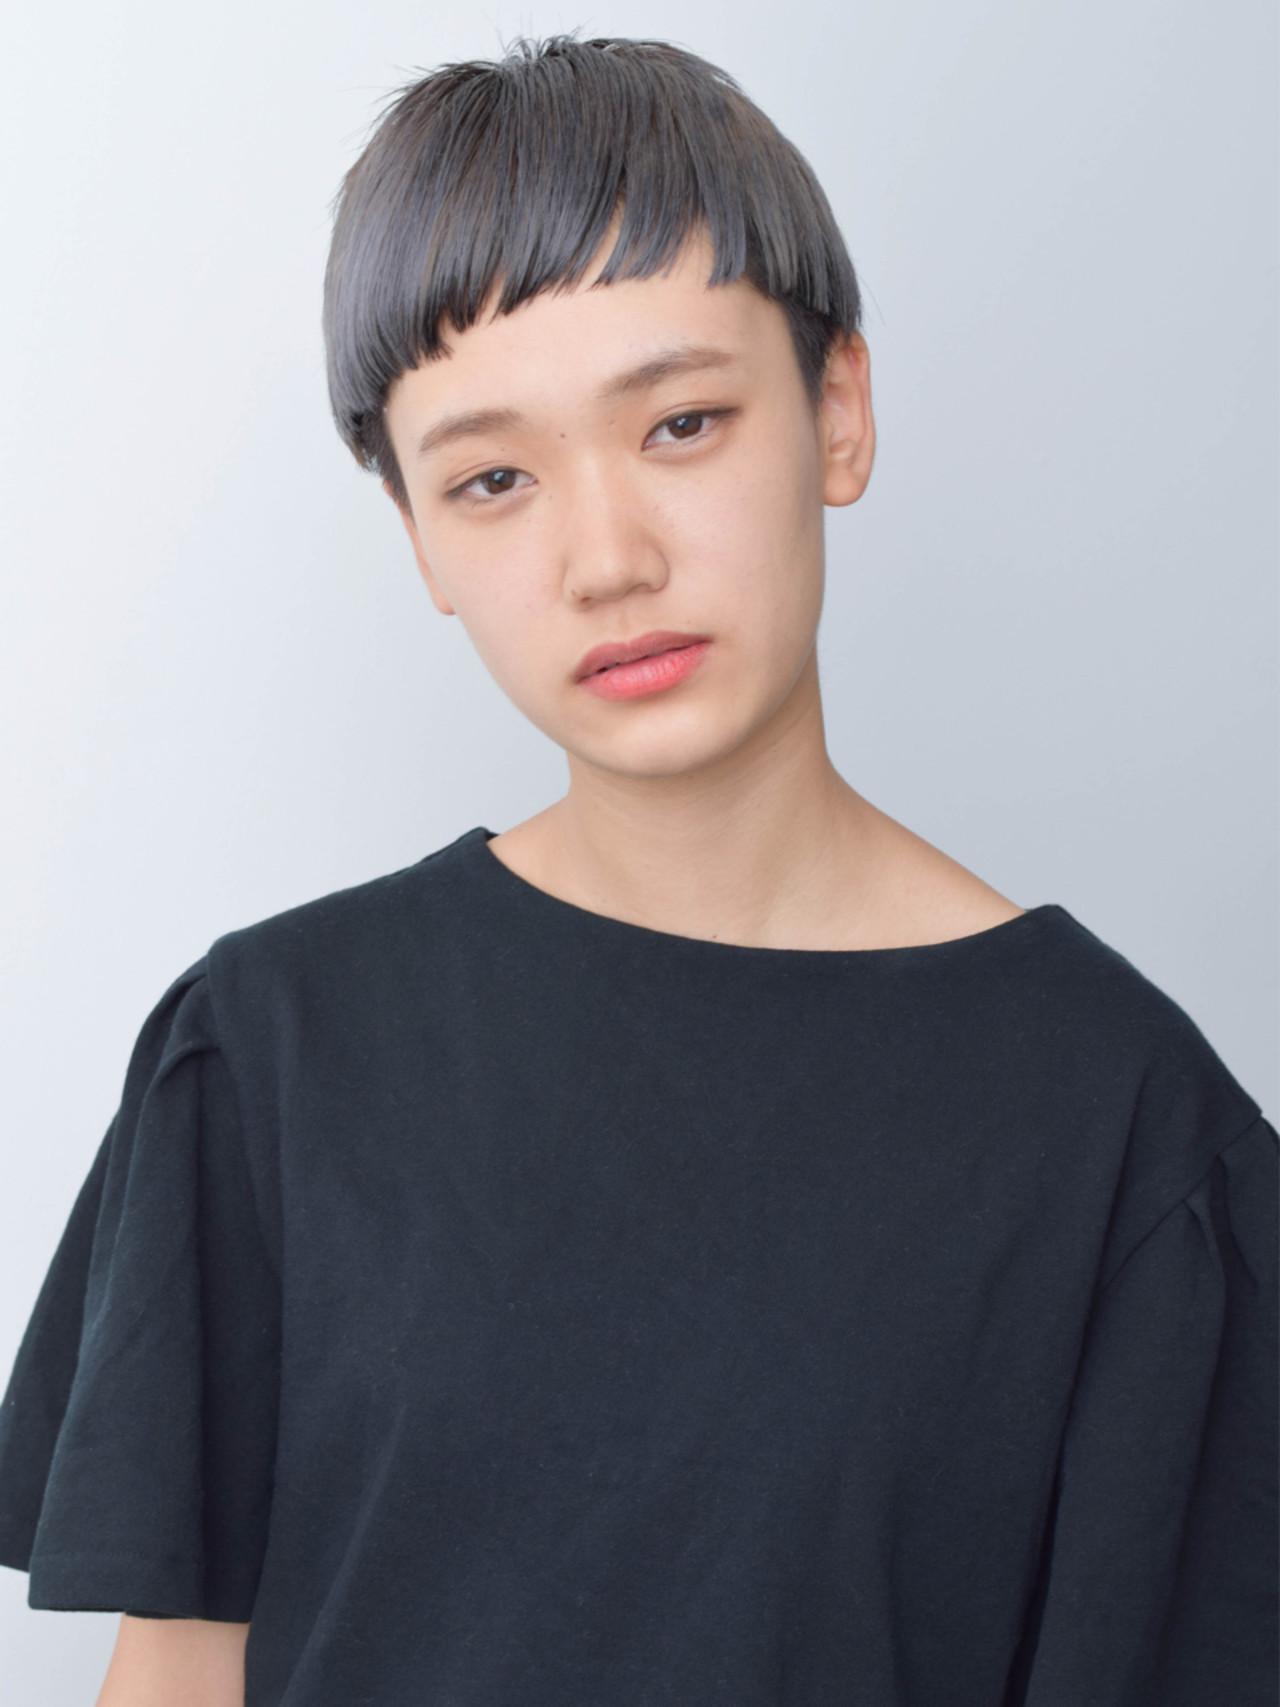 アッシュ ハイトーン モード ショートヘアスタイルや髪型の写真・画像